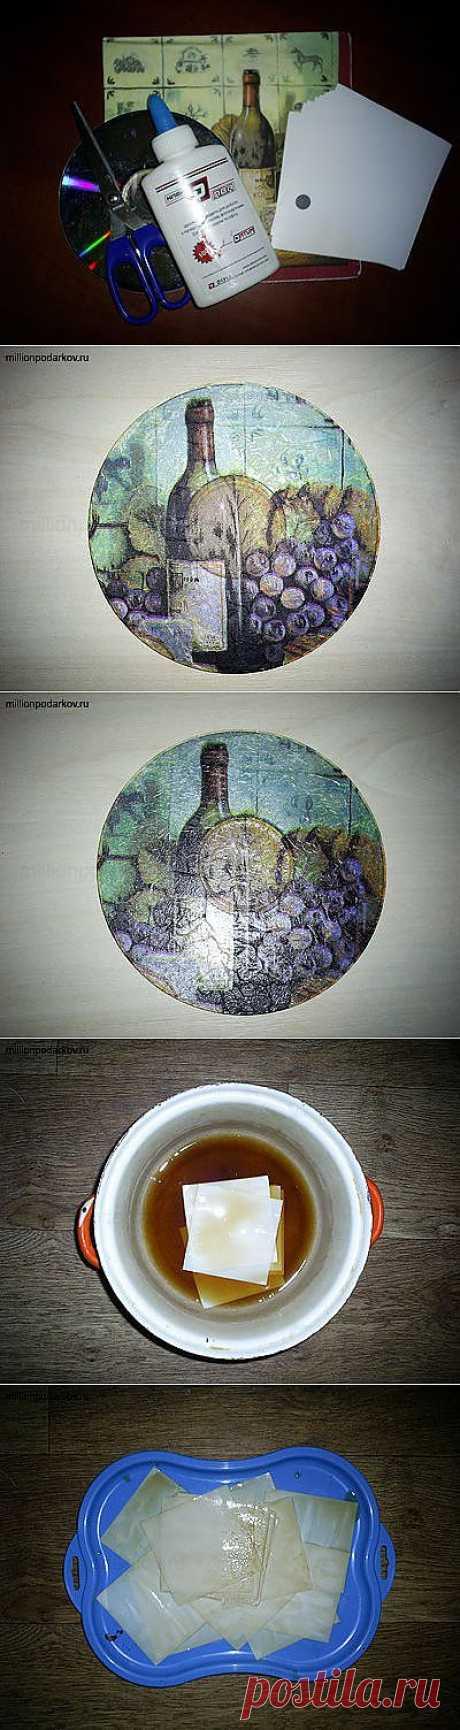 """Поделка из старых дисков """"Кухонная напоминалка"""" - Блоги на ВетоНет"""